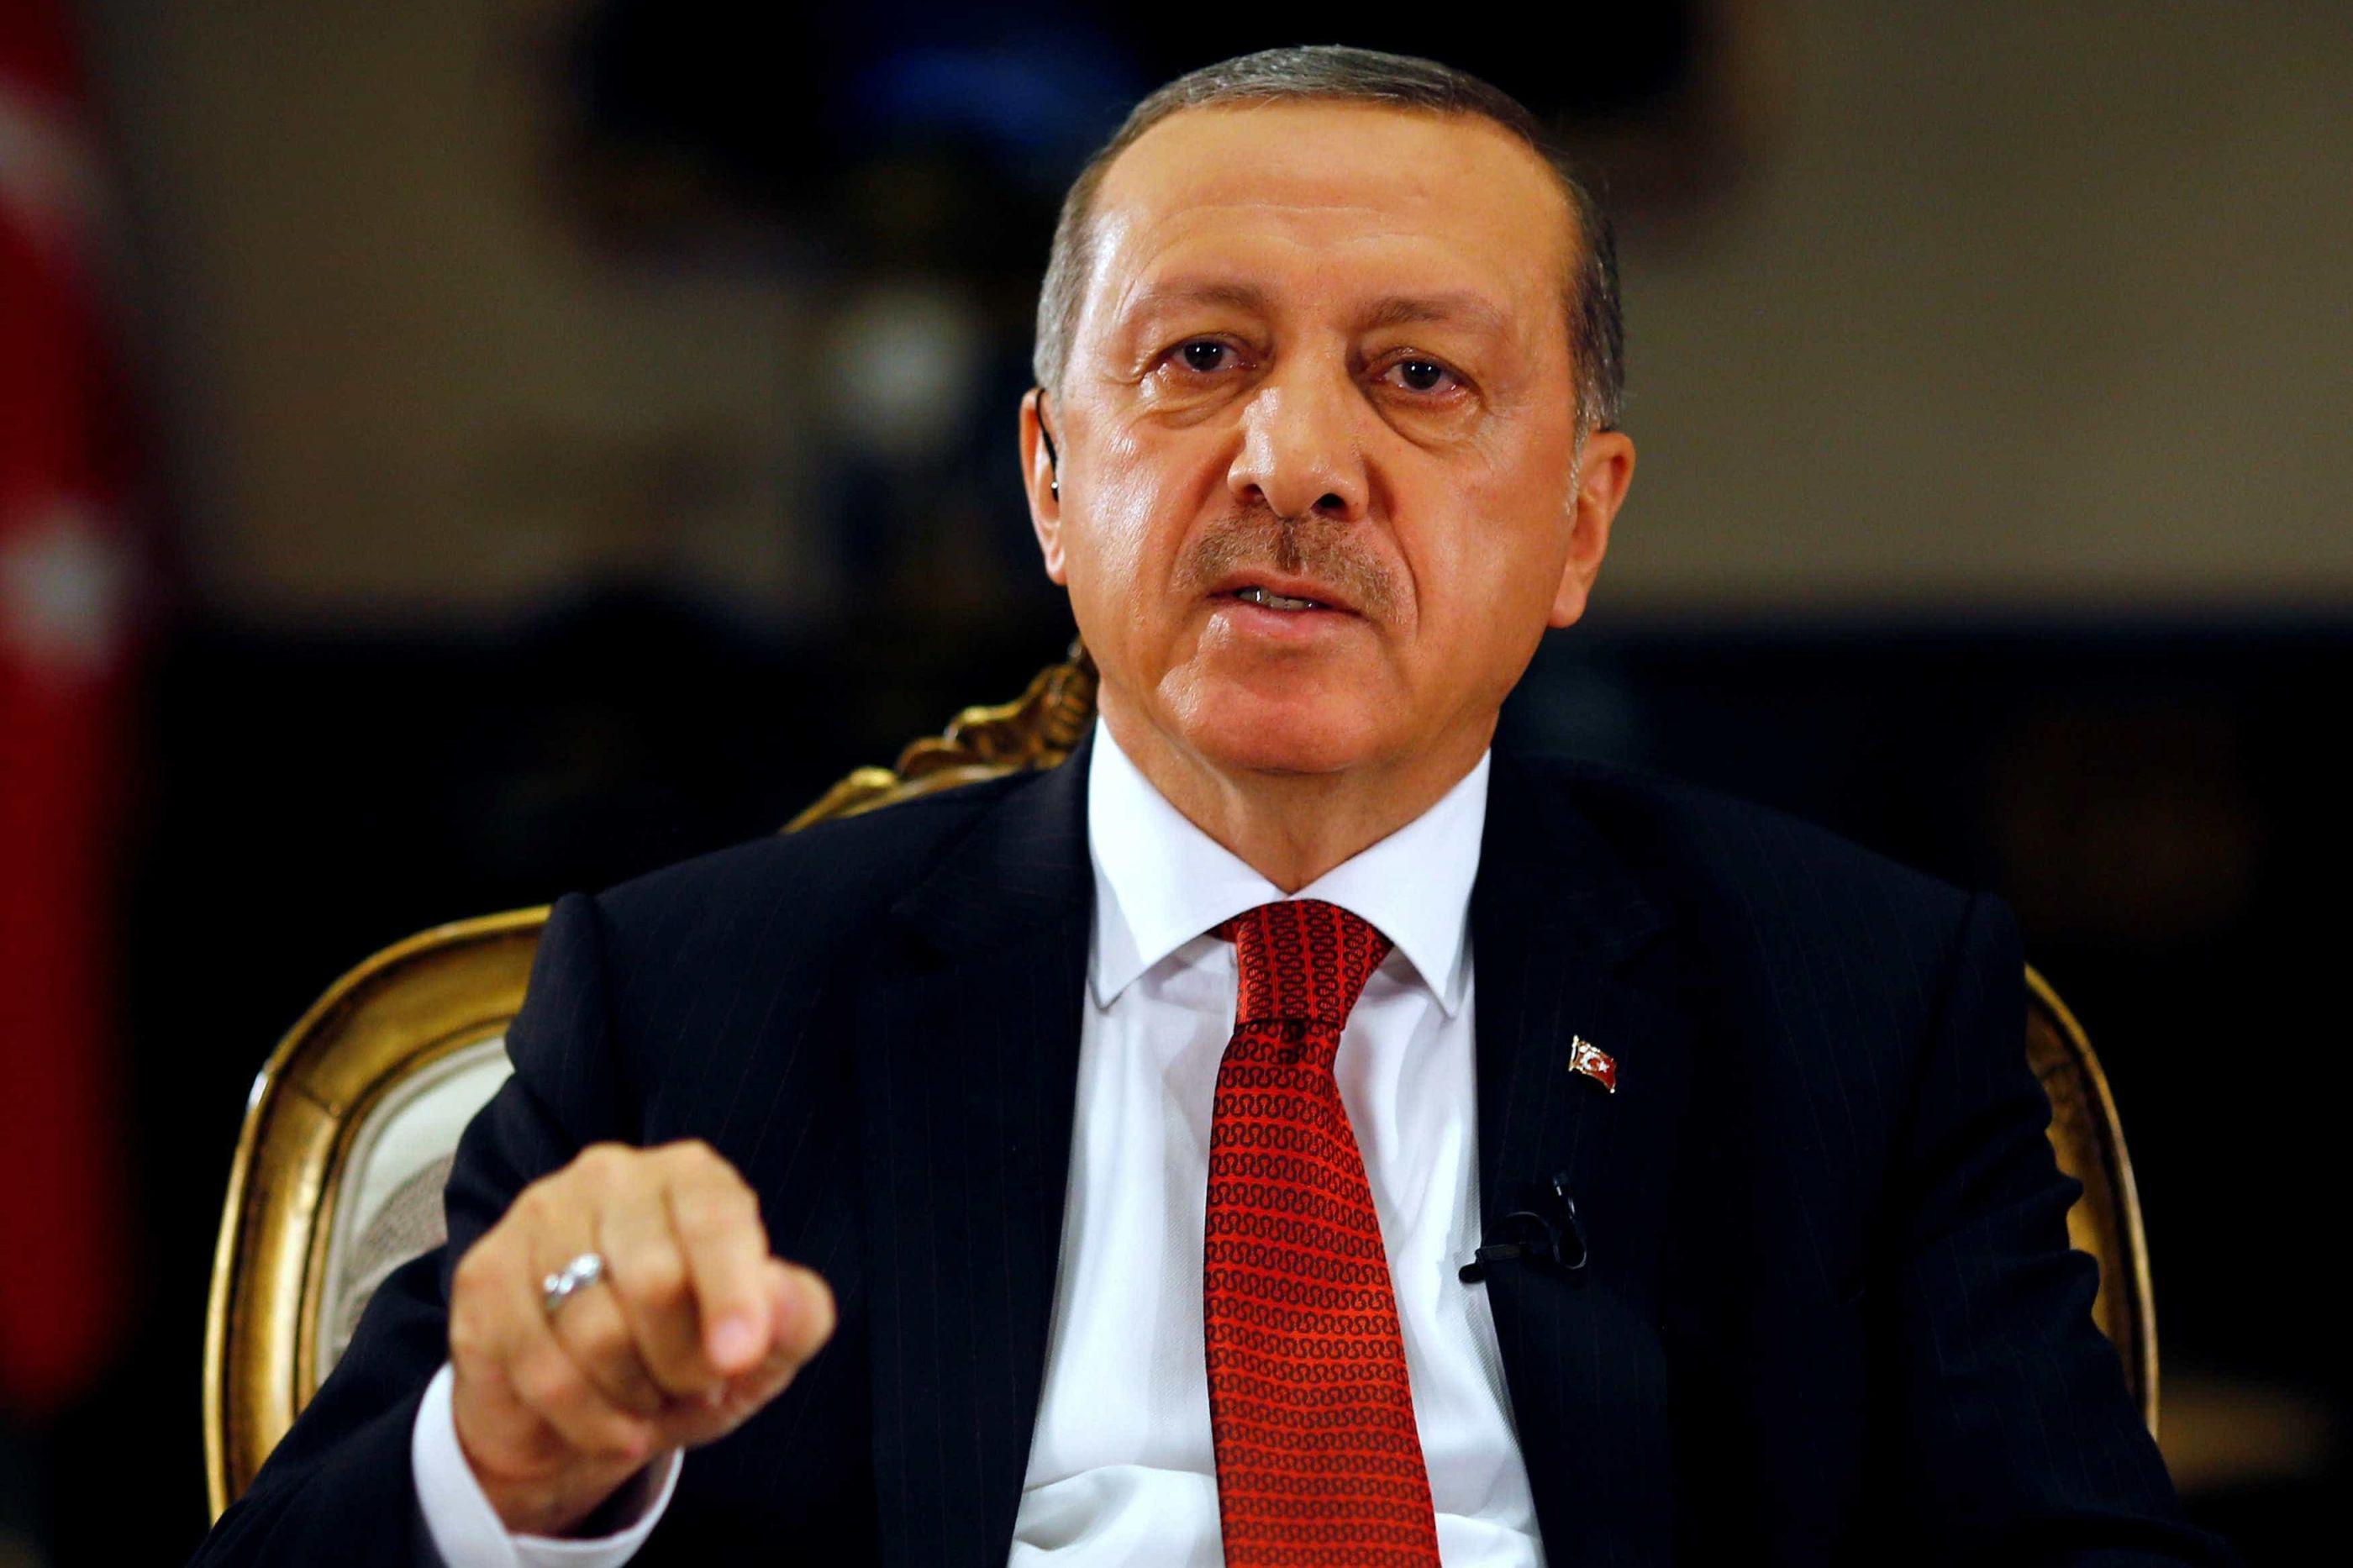 Presidente turco inaugura hoje em Istambul o maior aeroporto do mundo